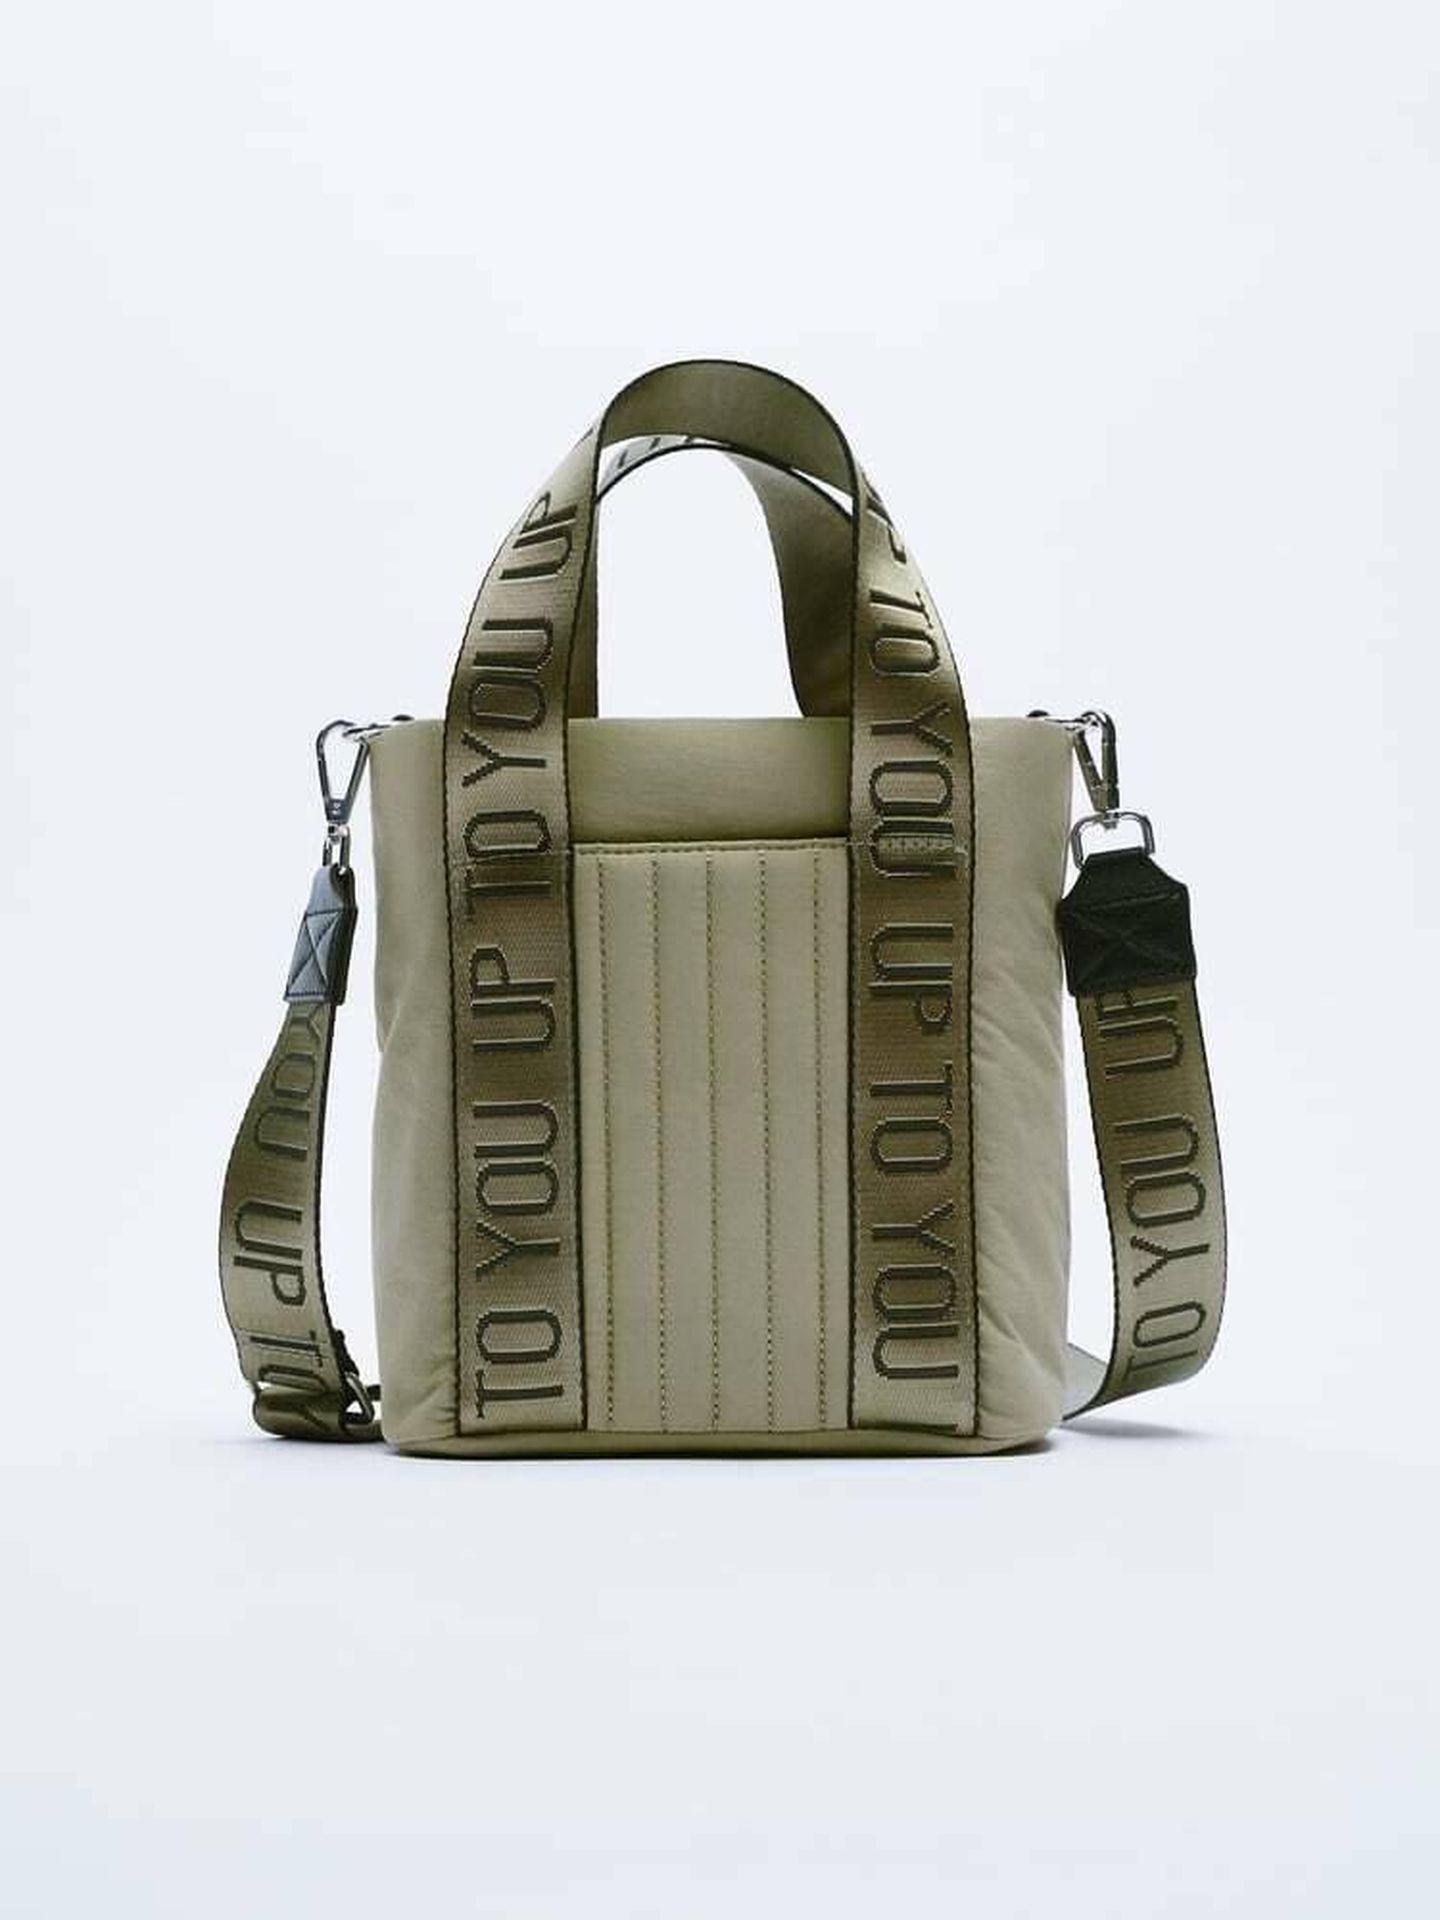 Un bolso acolchado de Zara. (Cortesía)